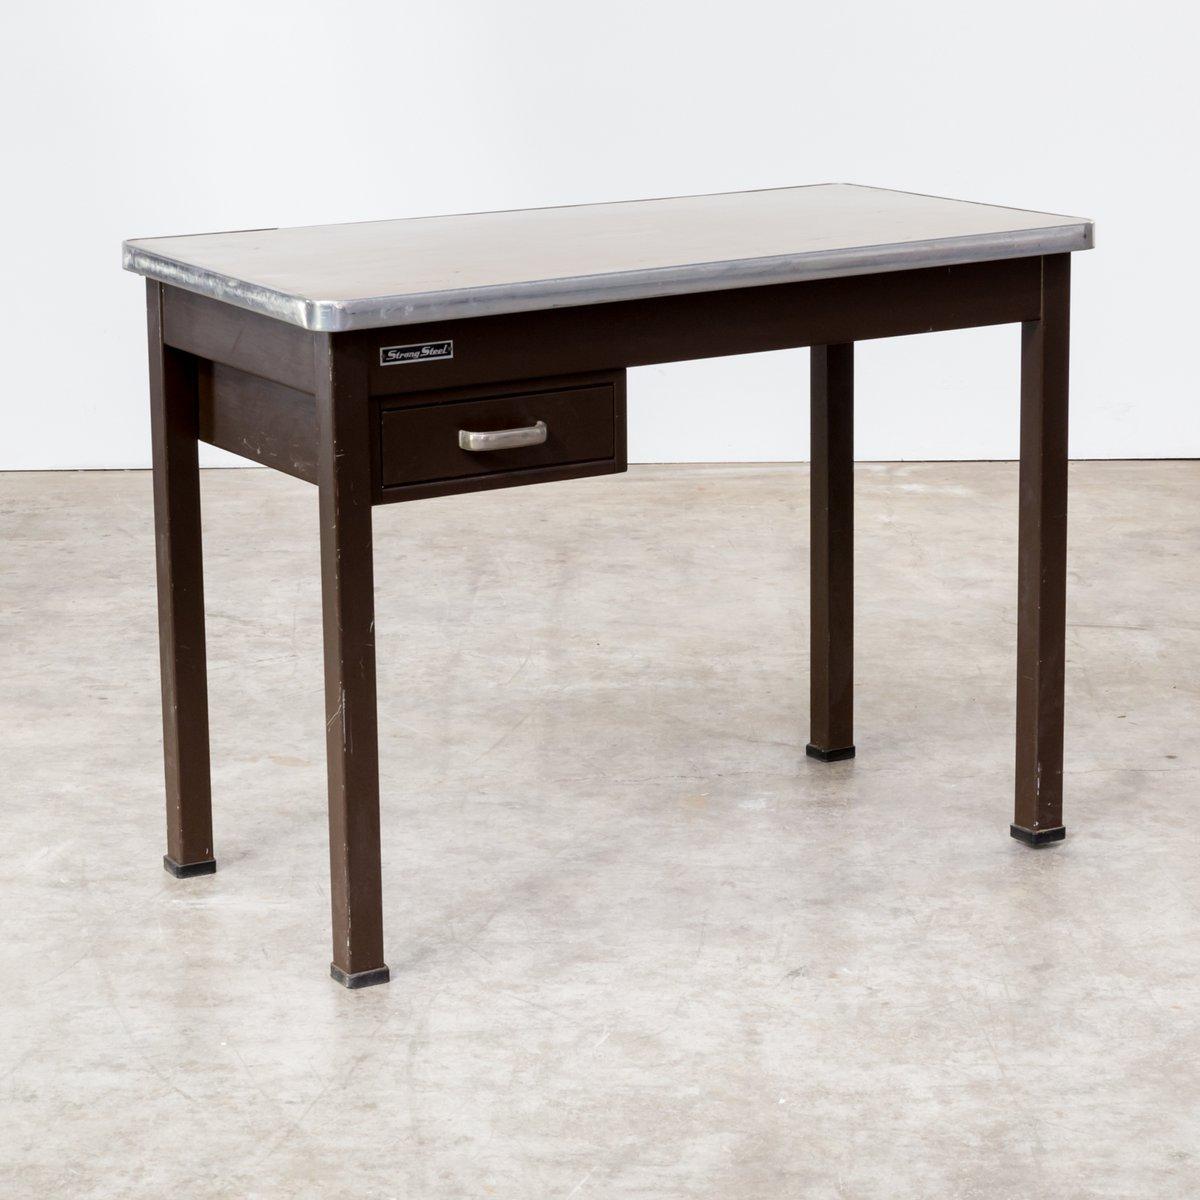 bureau en m tal 1970s en vente sur pamono. Black Bedroom Furniture Sets. Home Design Ideas